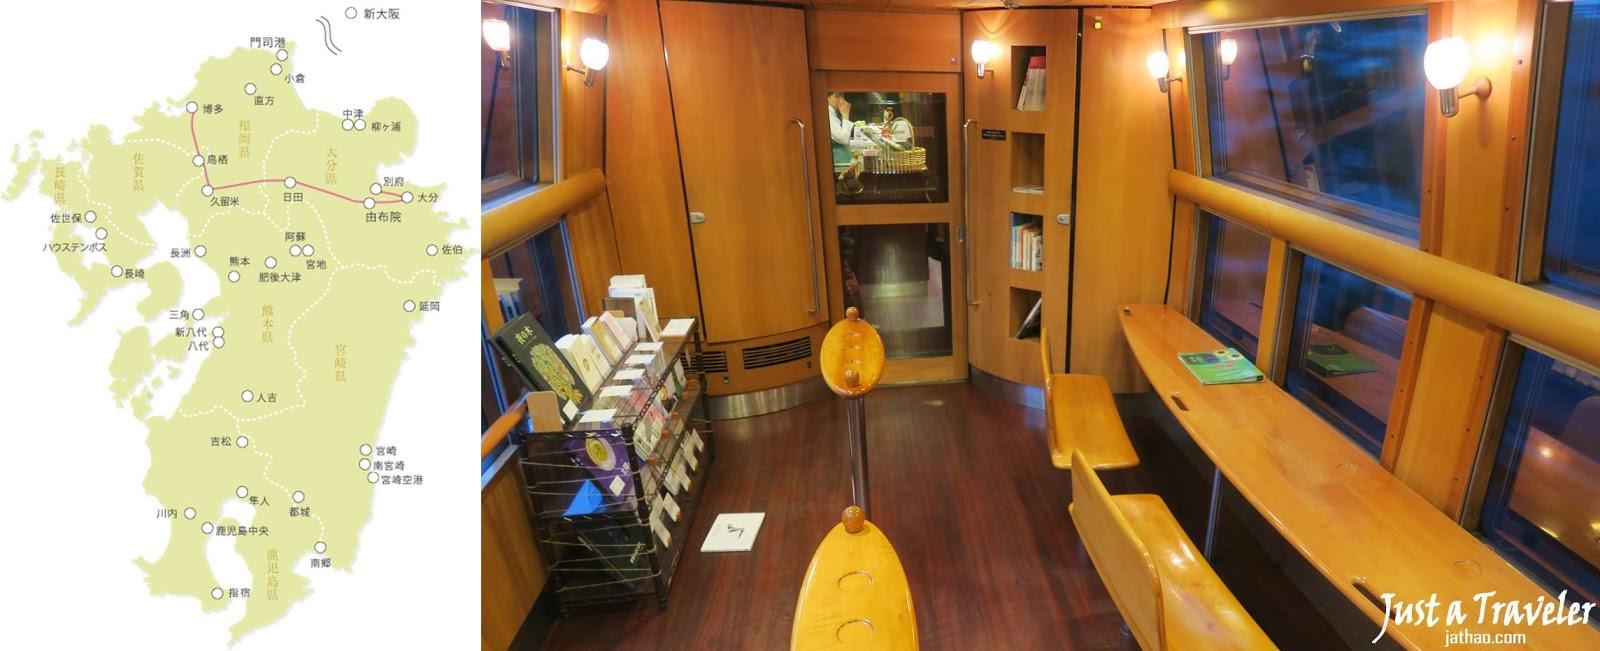 九州-特色觀光列車-推薦-D&S列車-由布院之森-攻略-特色列車預訂-觀光列車-火車-JR-交通-Kyushu